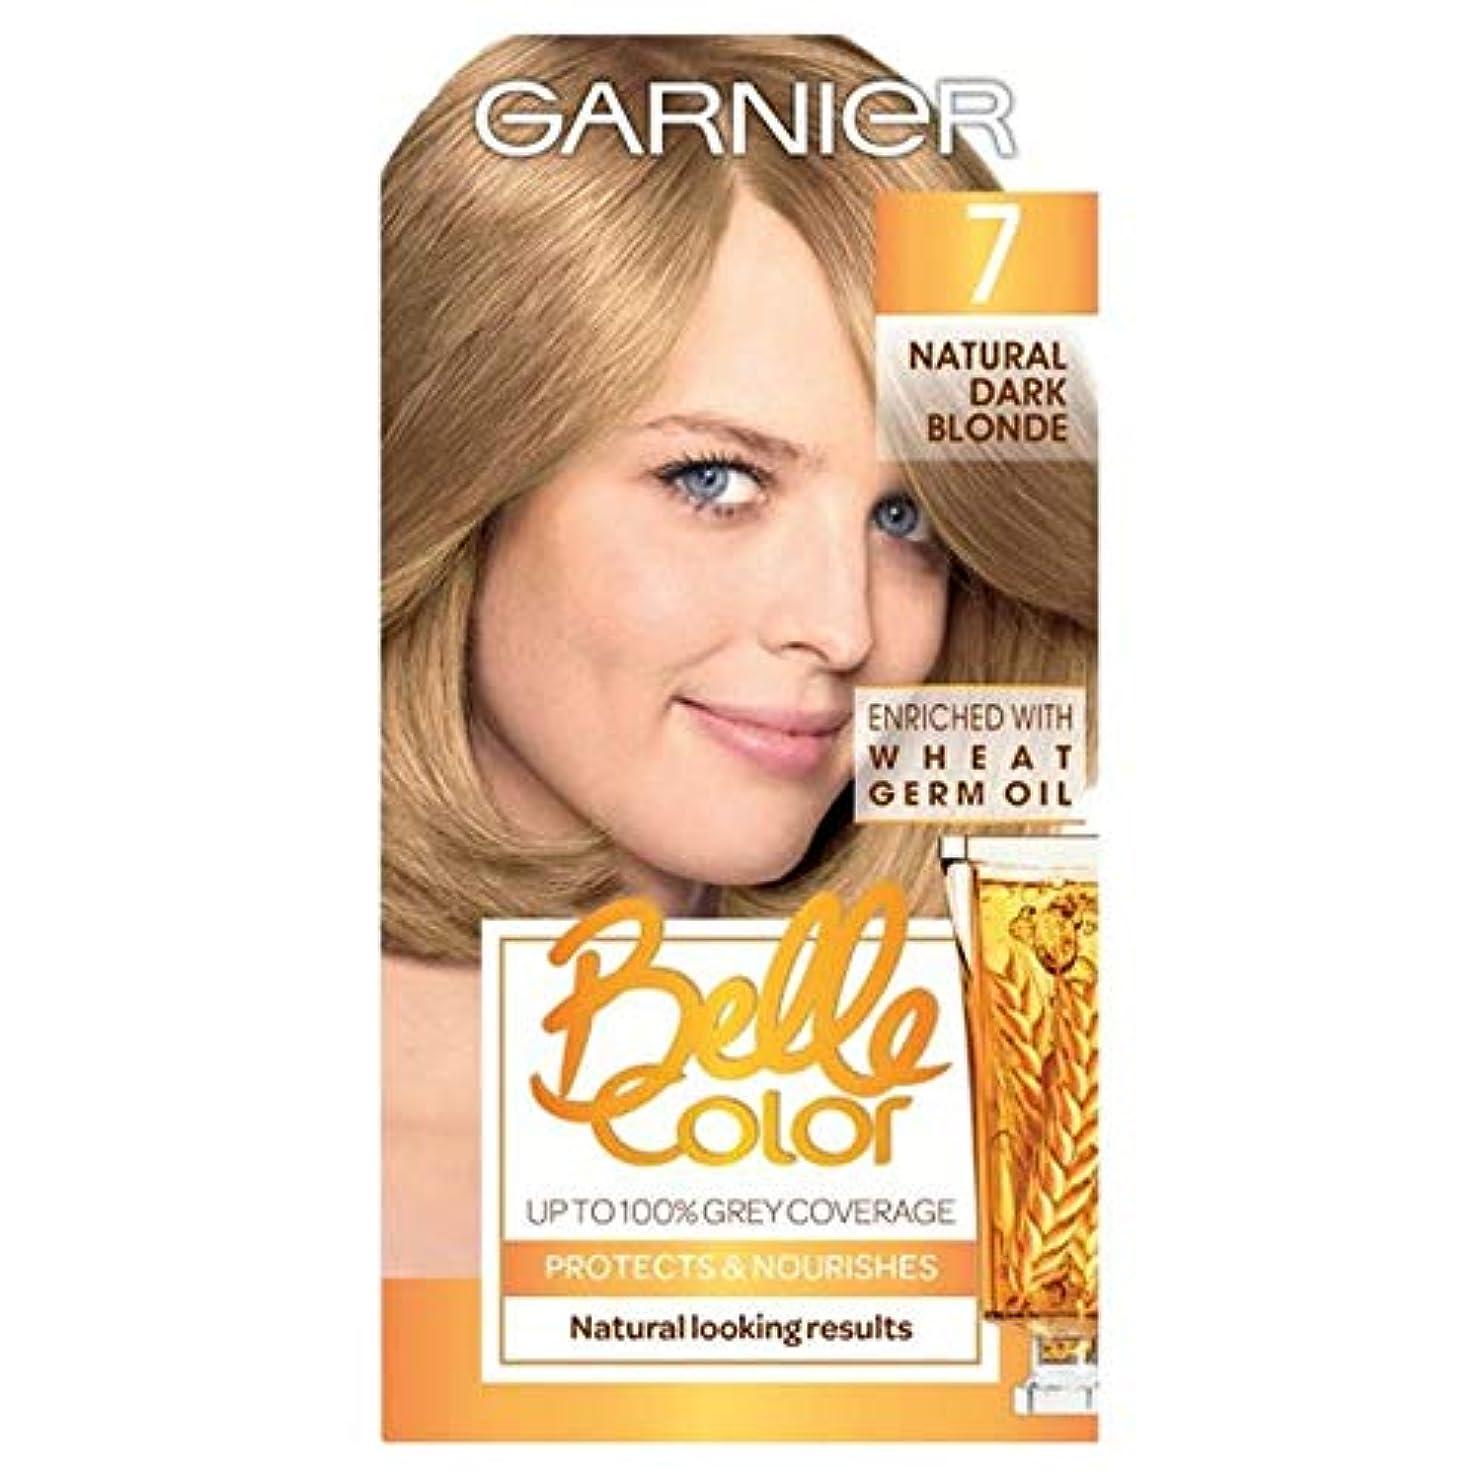 タフたくさんのバンク[Belle Color ] ガーン/ベル/Clr 7ナチュラルダークブロンドパーマネントヘアダイ - Garn/Bel/Clr 7 Natural Dark Blonde Permanent Hair Dye [並行輸入品]